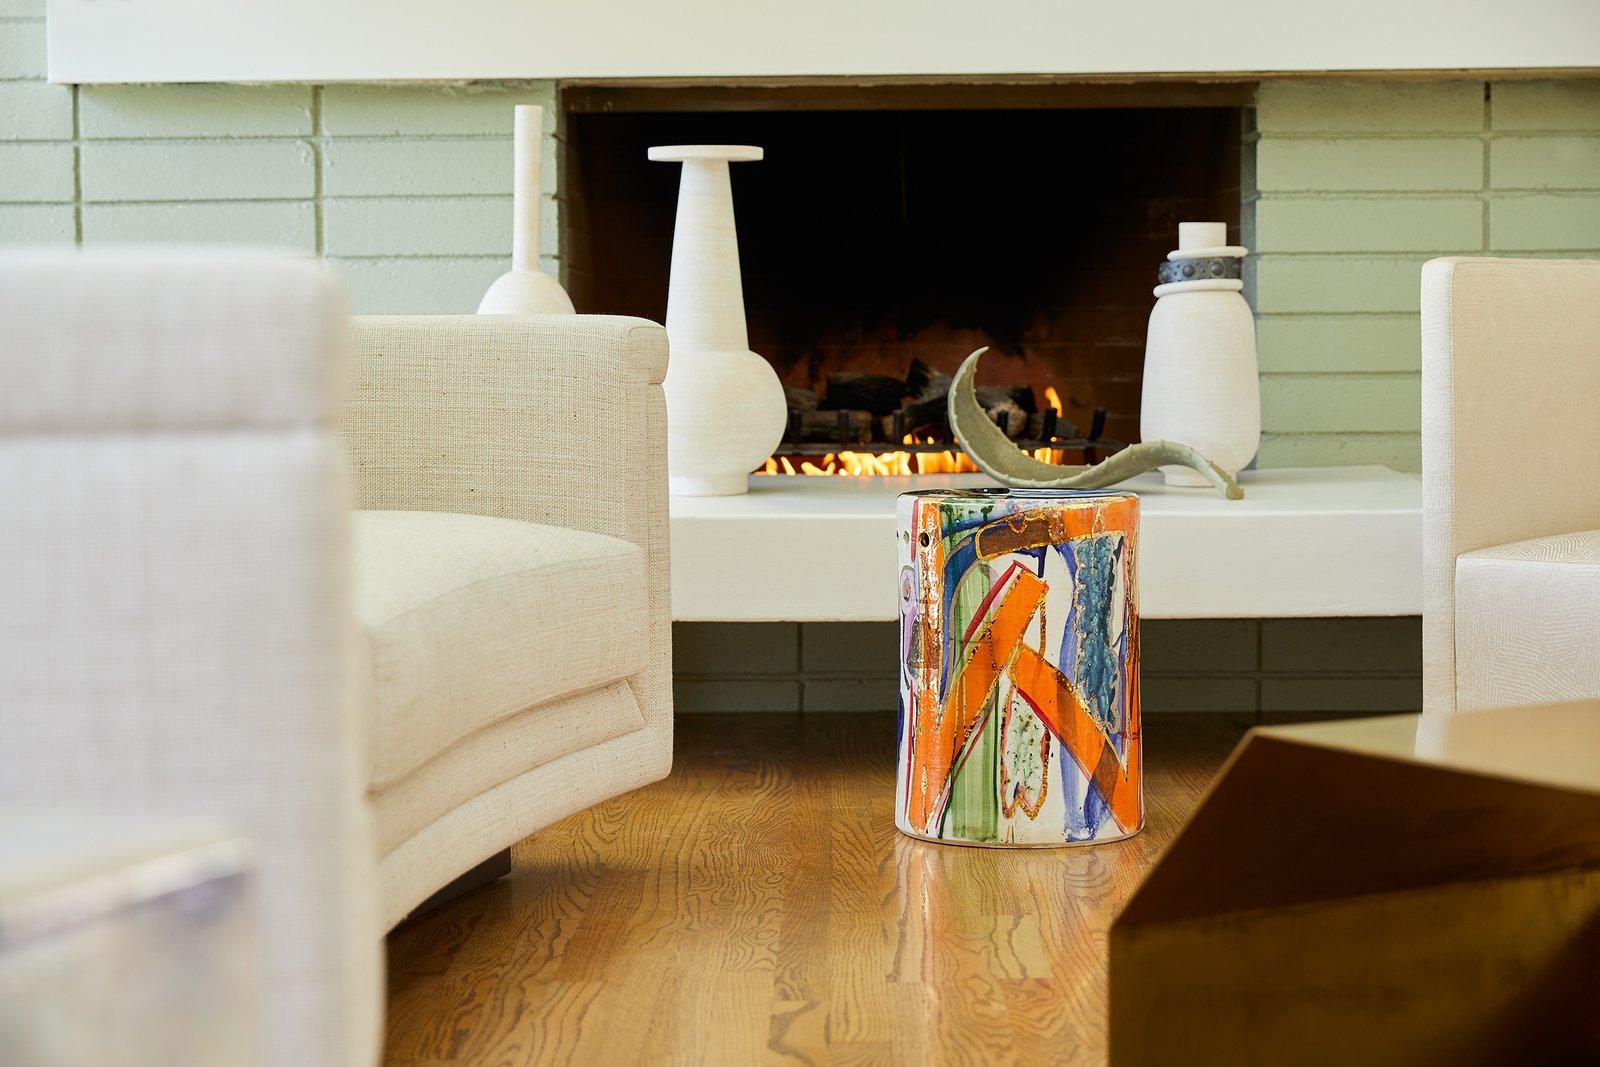 Photo 10 of 10 in Casa Perfect Debuts Reinaldo Sanguino's Vibrant Ceramics Inspired by '90s Graffiti Culture